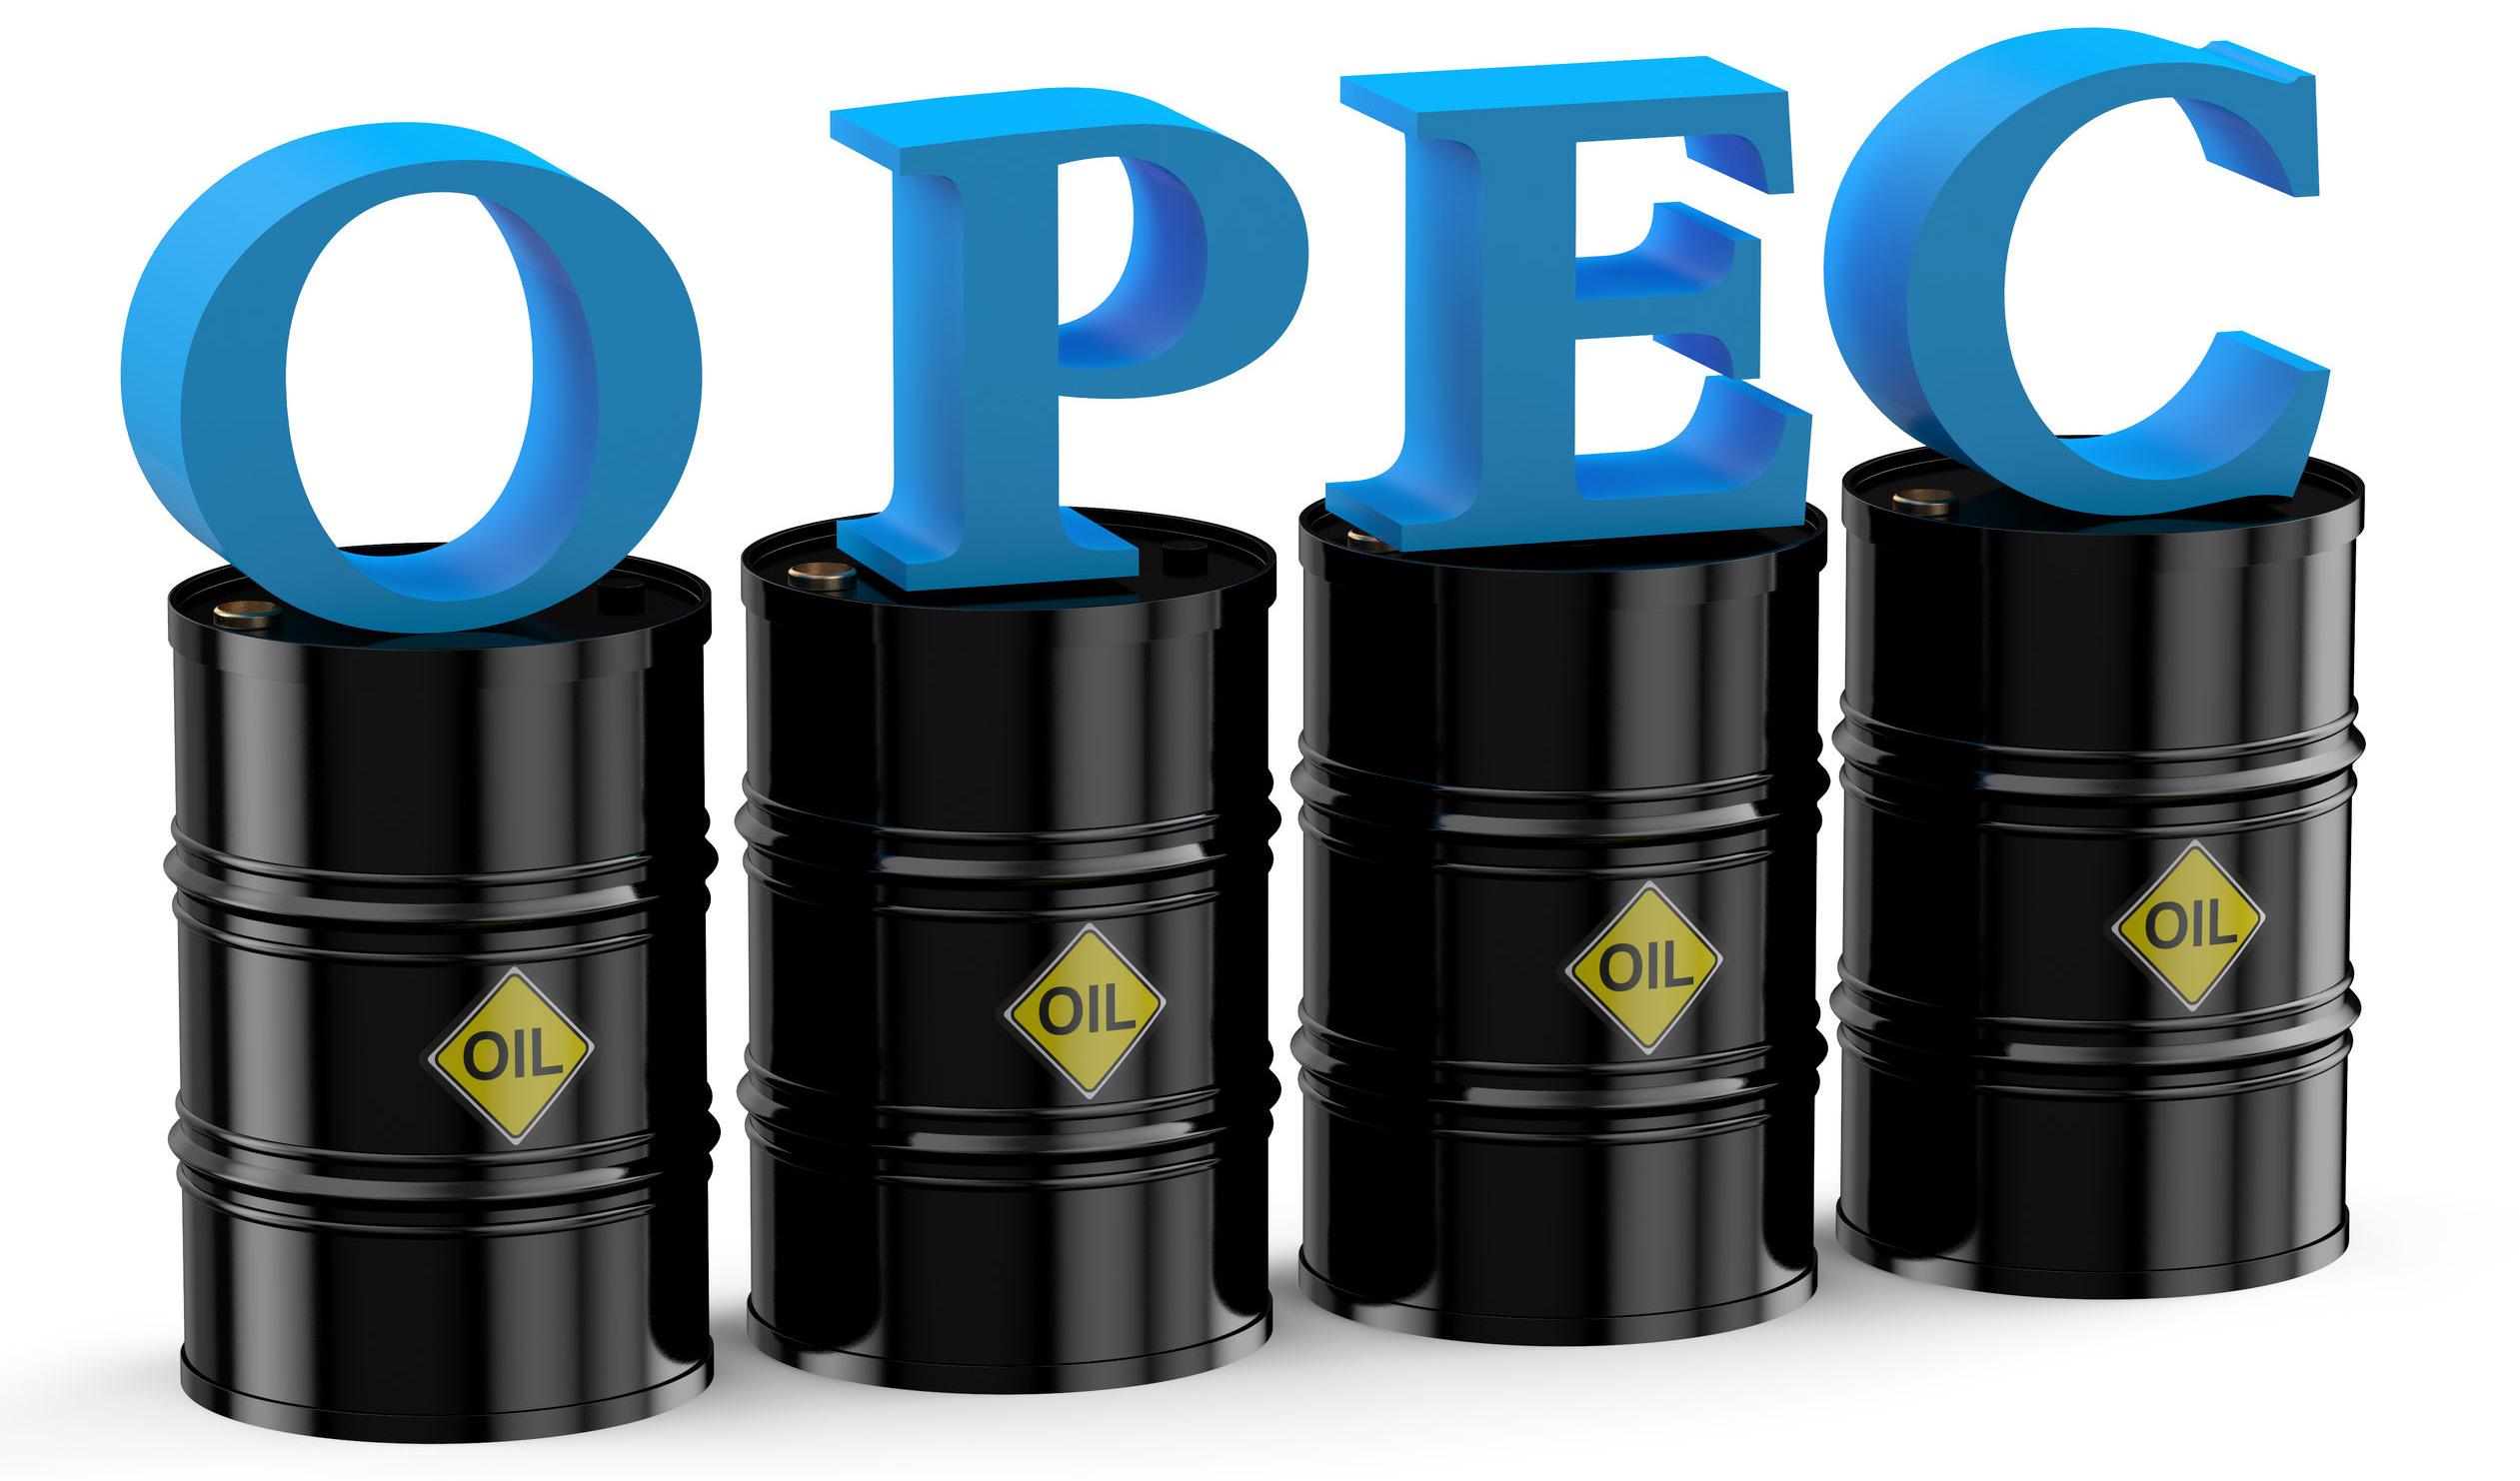 پایینترین قیمت سبد نفتی اوپک در ۲۰۲۰ ثبت شد